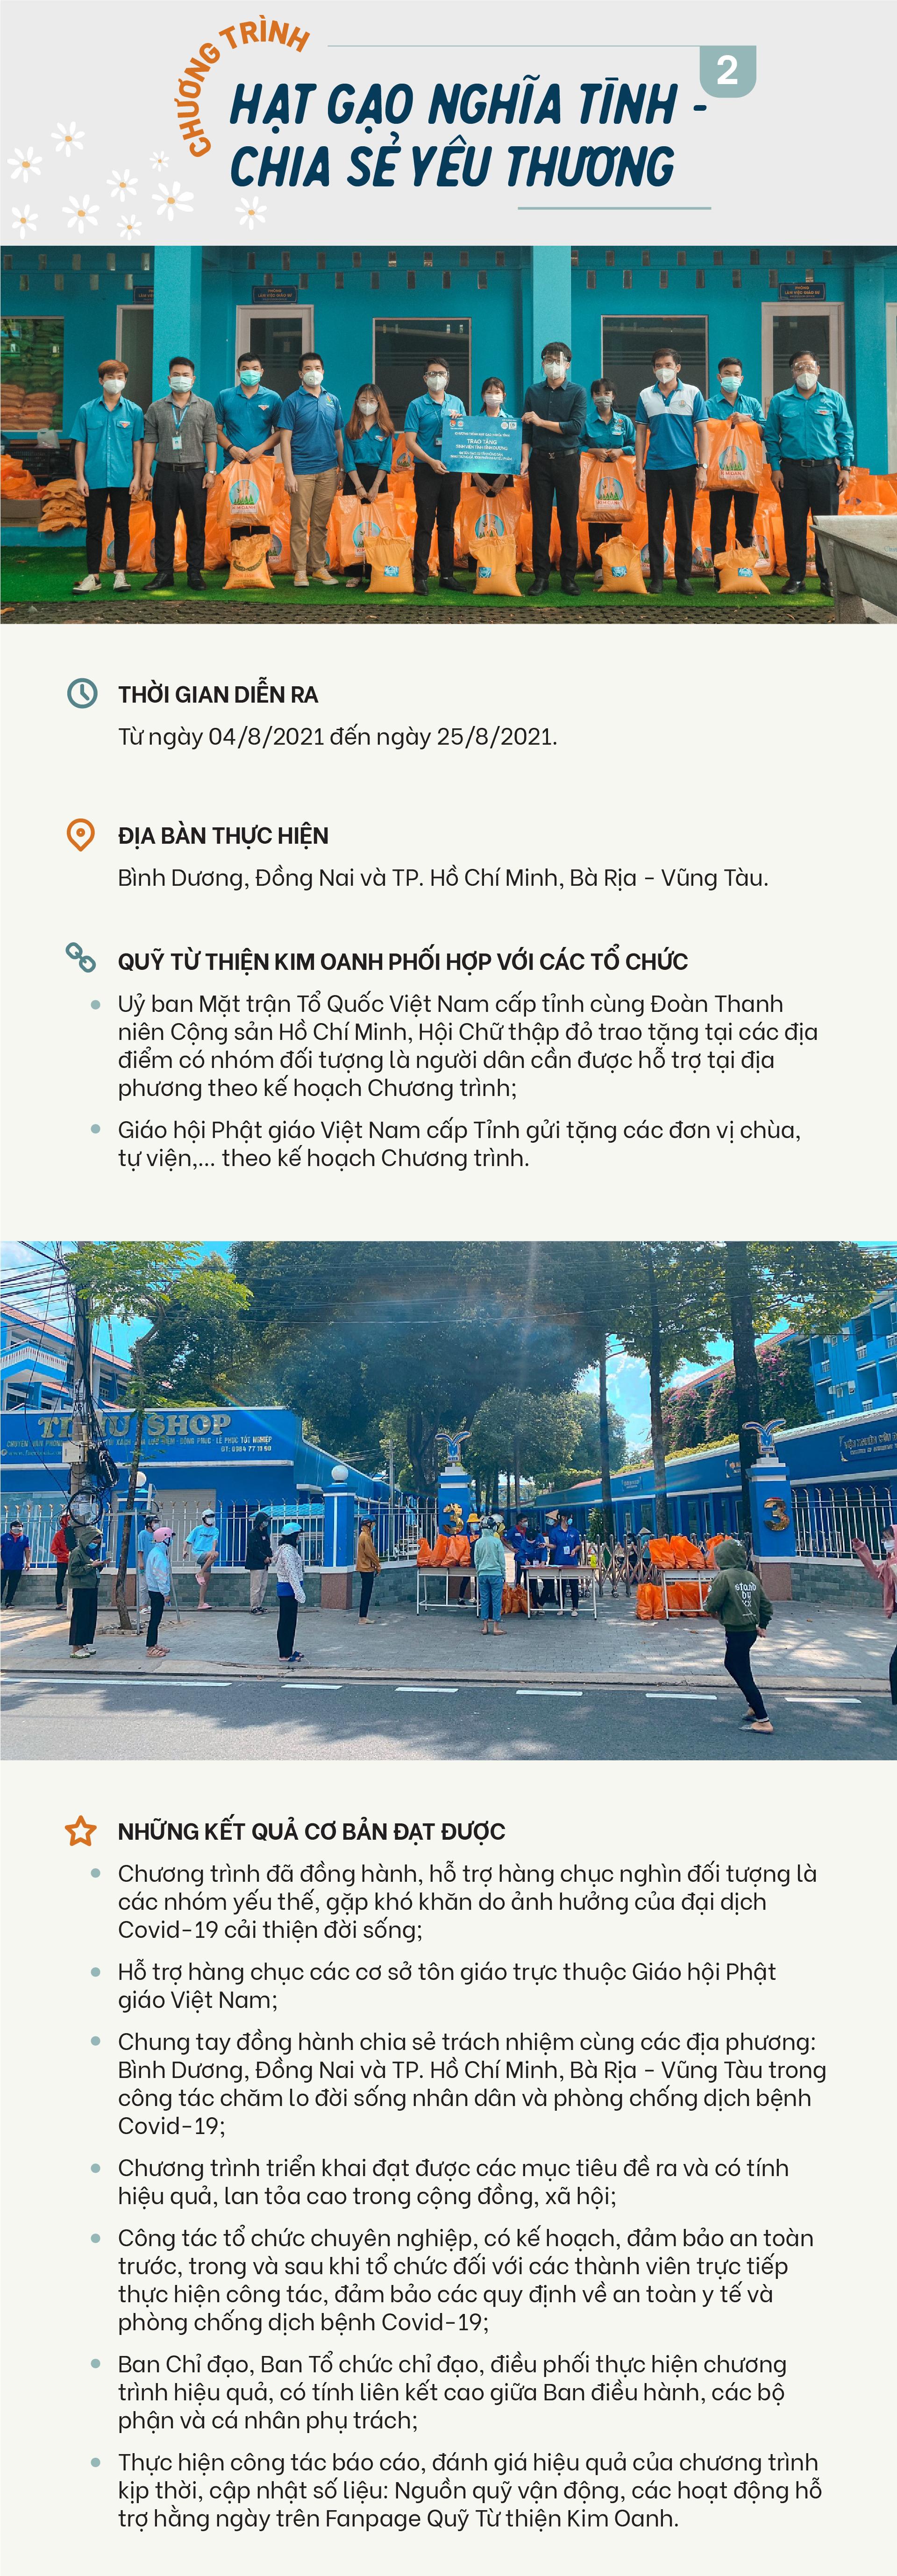 Quỹ từ thiện Kim Oanh trong cuộc chiến phòng, chống COVID-19 - ảnh 3